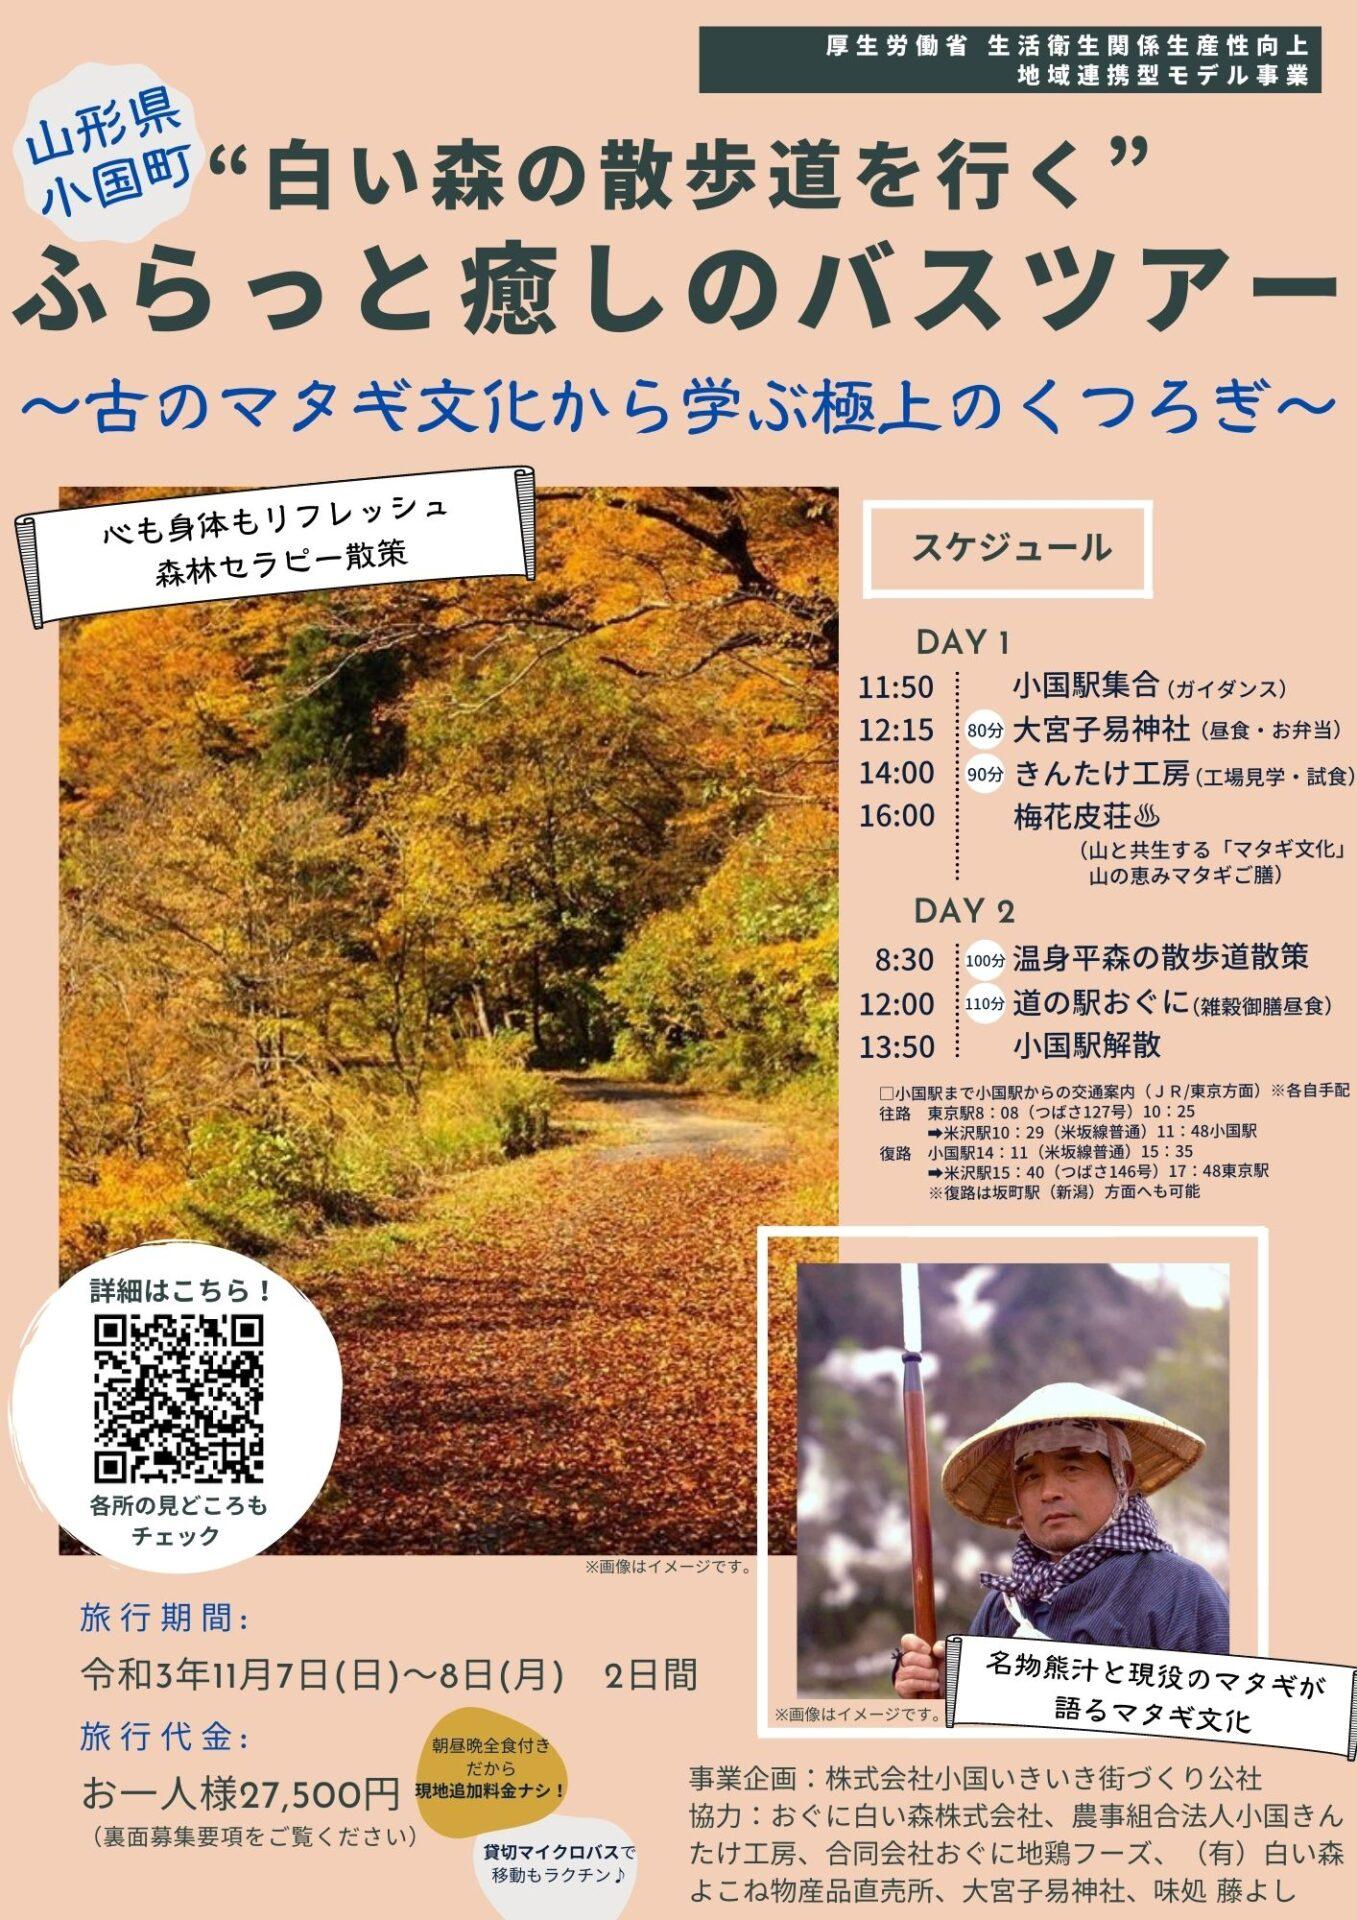 参加者募集中!白い森の散歩道を行く ふらっと癒しのバスツアー